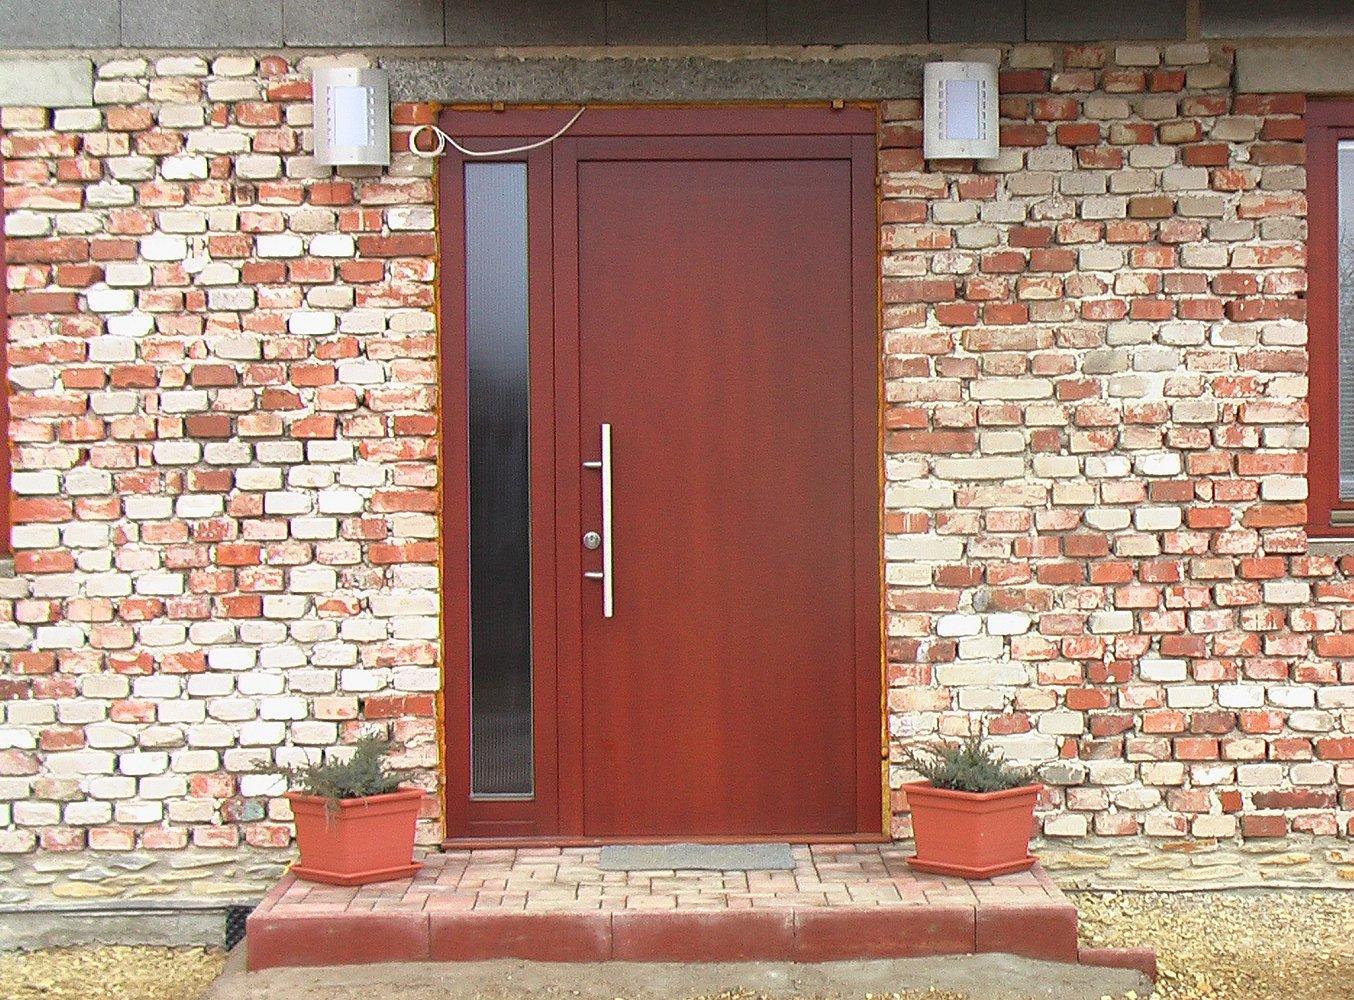 Dveře jako lusk: kromě praktičnosti i otázka dobrého vkusu